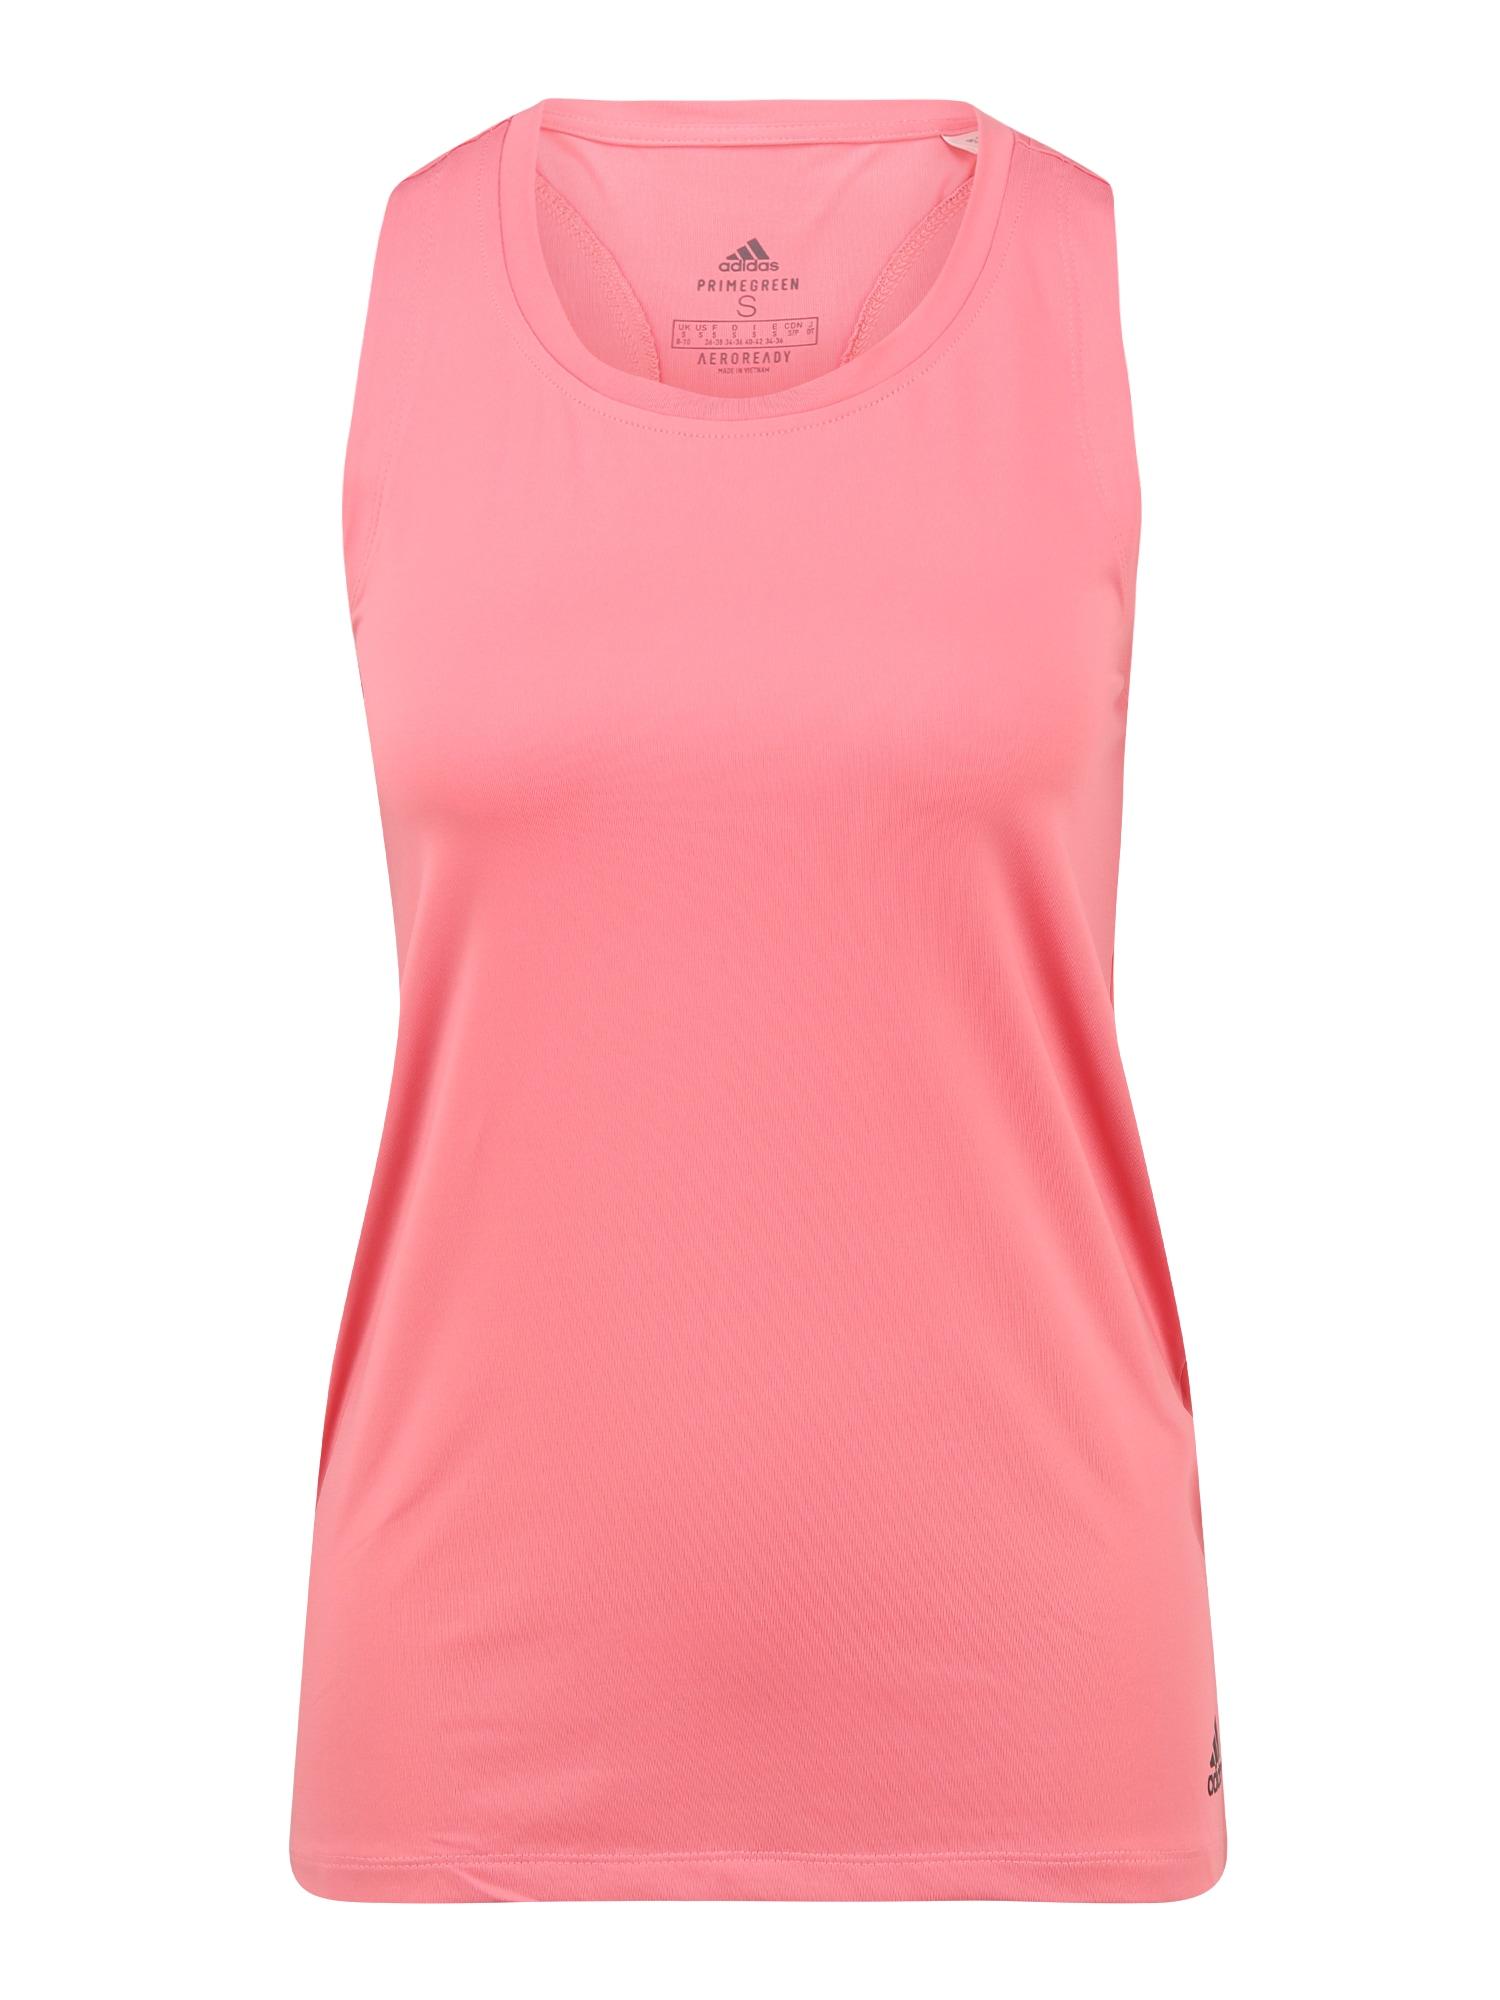 ADIDAS PERFORMANCE Sportiniai marškinėliai be rankovių ryškiai rožinė spalva